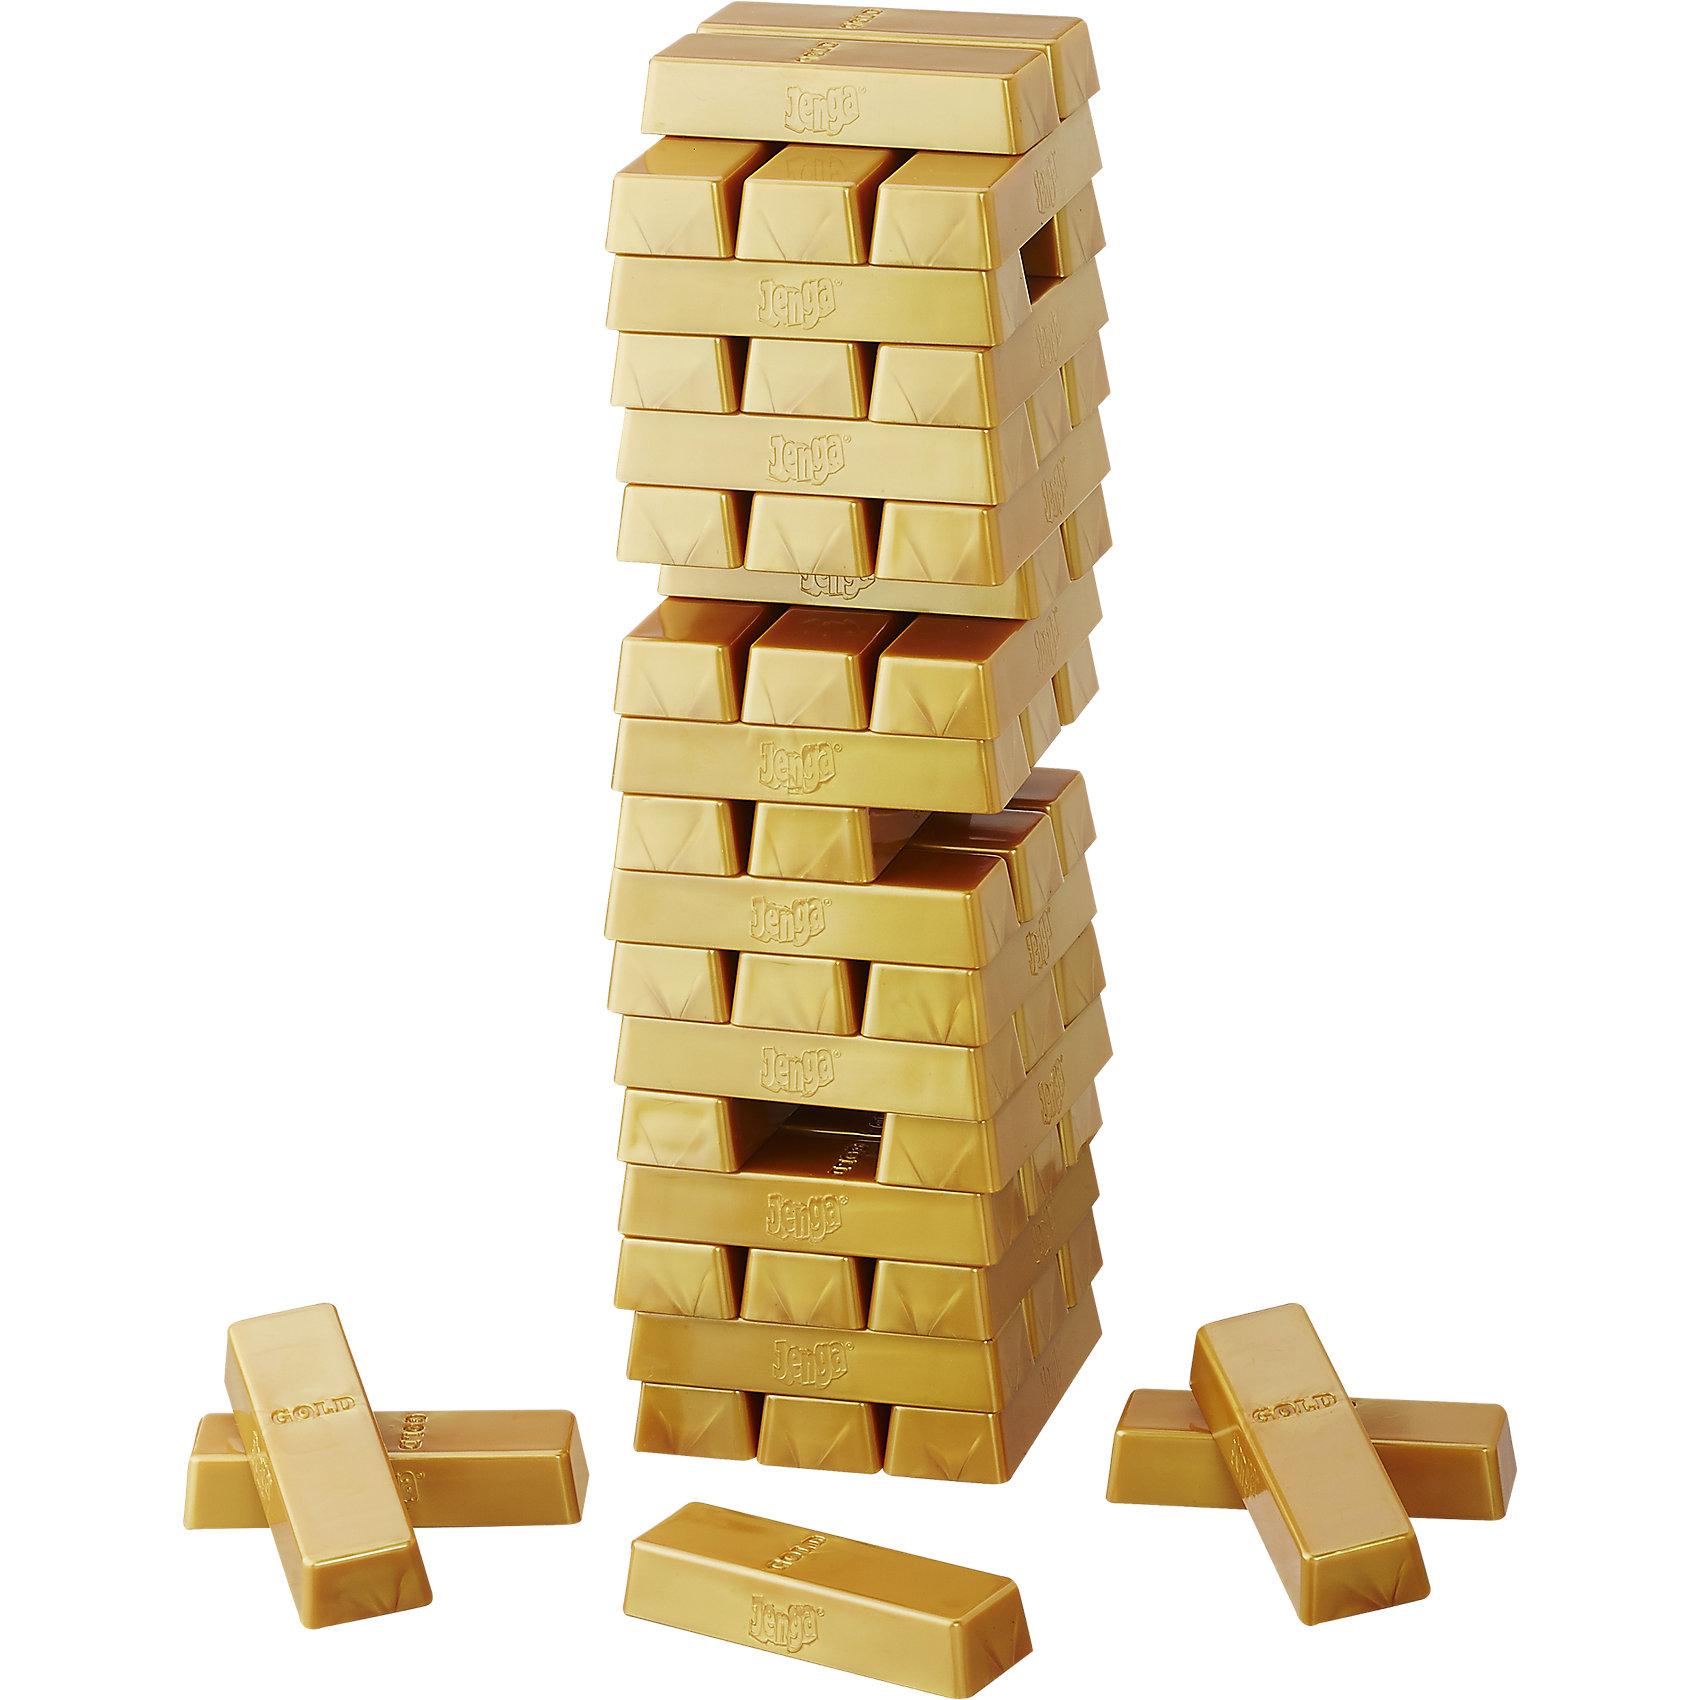 Игра Дженга Голд, HasbroДля больших компаний<br>Дженга Голд от компании Hasbro - это замечательная настольная игра из серии Дженга, к которой одинаковый интерес проявят и дети, и взрослые. Перед началом игры следует правильно сложить блоки, руководствуясь инструкцией, а затем уже начнется сам игровой процесс. Смысл в том, чтобы вытаскивать небольшие блоки из середины конструкции, при этом не уронив башню. Игрок, который вытащил блок золотого цвета и при этом развалил конструкцию проиграл.<br>Дженга предельно проста и понятна, поэтому даже ребенку не составит труда научиться играть в нее. Но не все так легко, как может показаться на первый взгляд... Сначала игроки строят башню из имеющихся брусочков-кирпичиков. Потом по одному вынимают их из нее и кладут сверху так, чтобы башня устояла. С каждым последующим ходом игра становится все сложнее, но тем еще и интереснее. Чтобы выиграть, придется проявить свою аккуратность, точность движений, терпение, смекалку и сноровку. Игрок, извлекший последний брусок, после которого башня упала - проигрывает.<br><br>Ширина мм: 272<br>Глубина мм: 187<br>Высота мм: 68<br>Вес г: 848<br>Возраст от месяцев: 72<br>Возраст до месяцев: 228<br>Пол: Унисекс<br>Возраст: Детский<br>SKU: 4707460